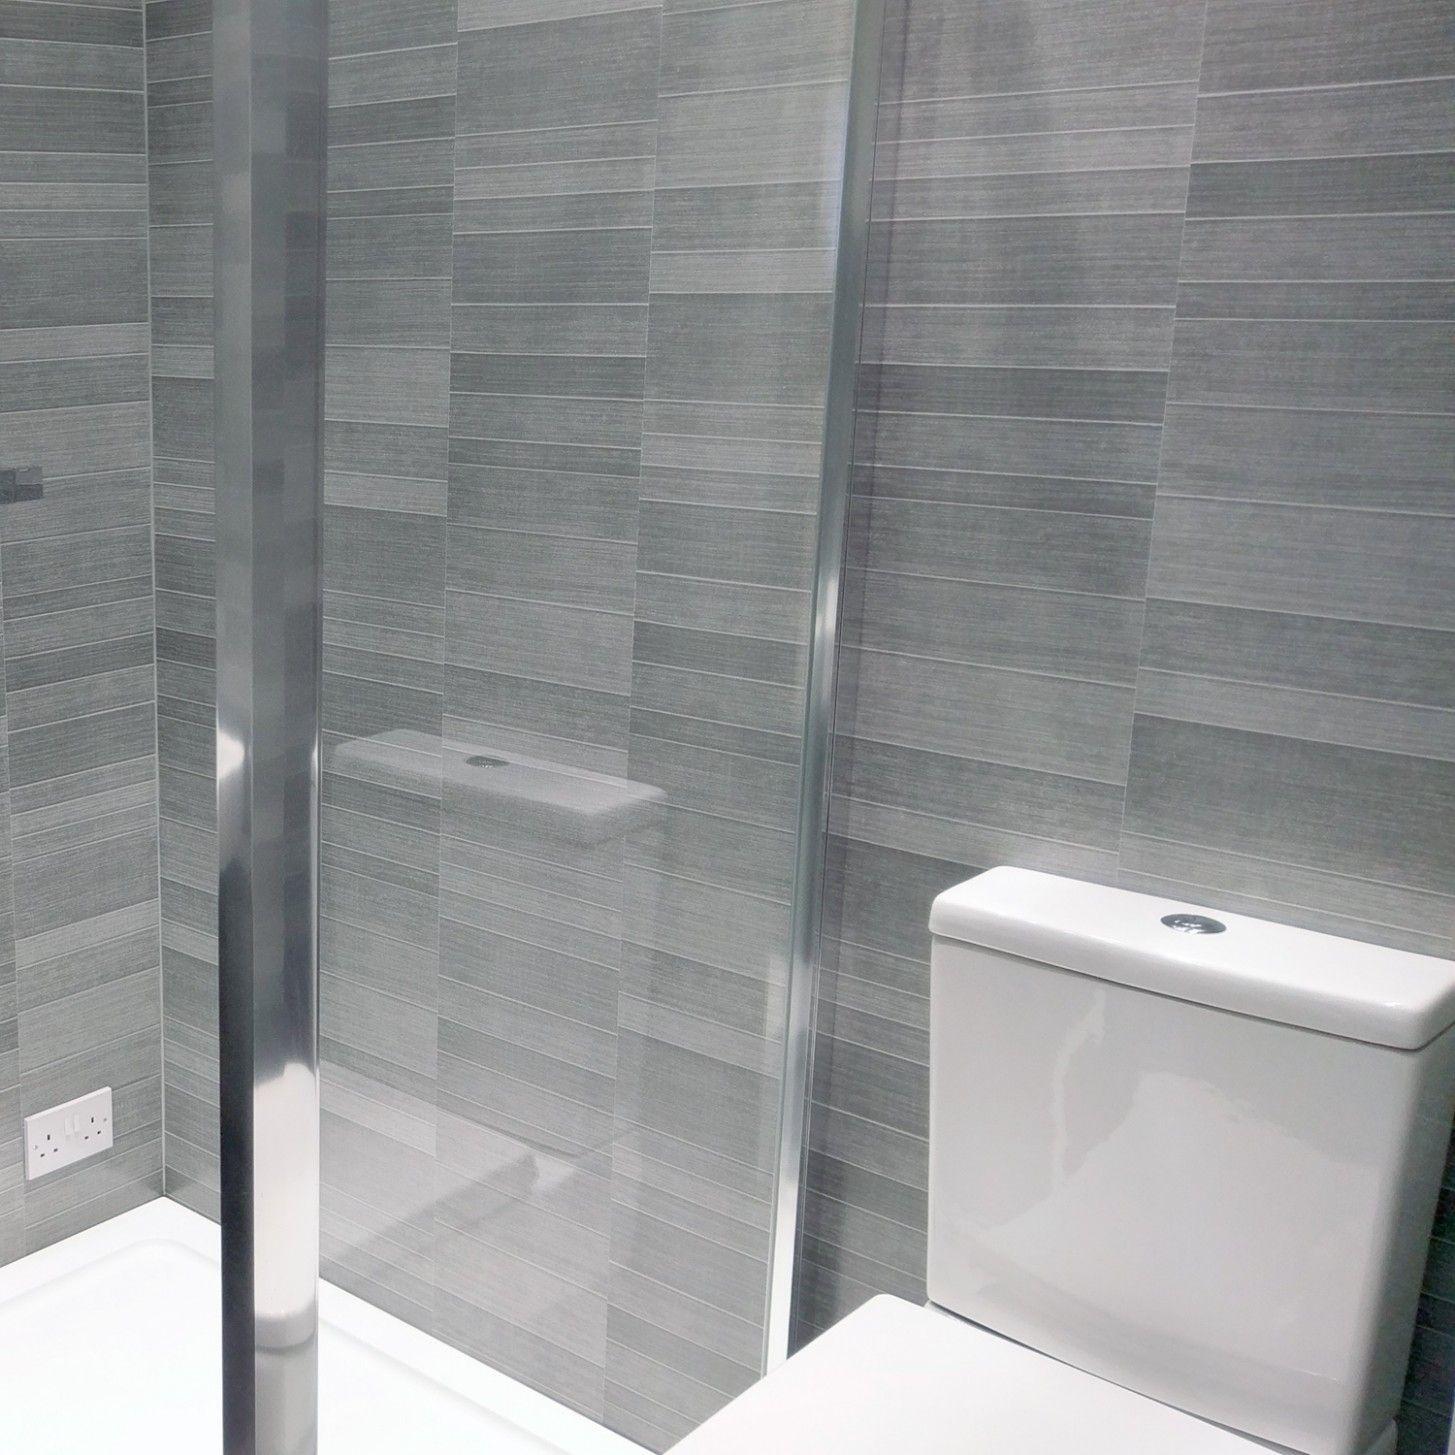 Bathroom Wall Panels Bunnings Latest full bathroom wall